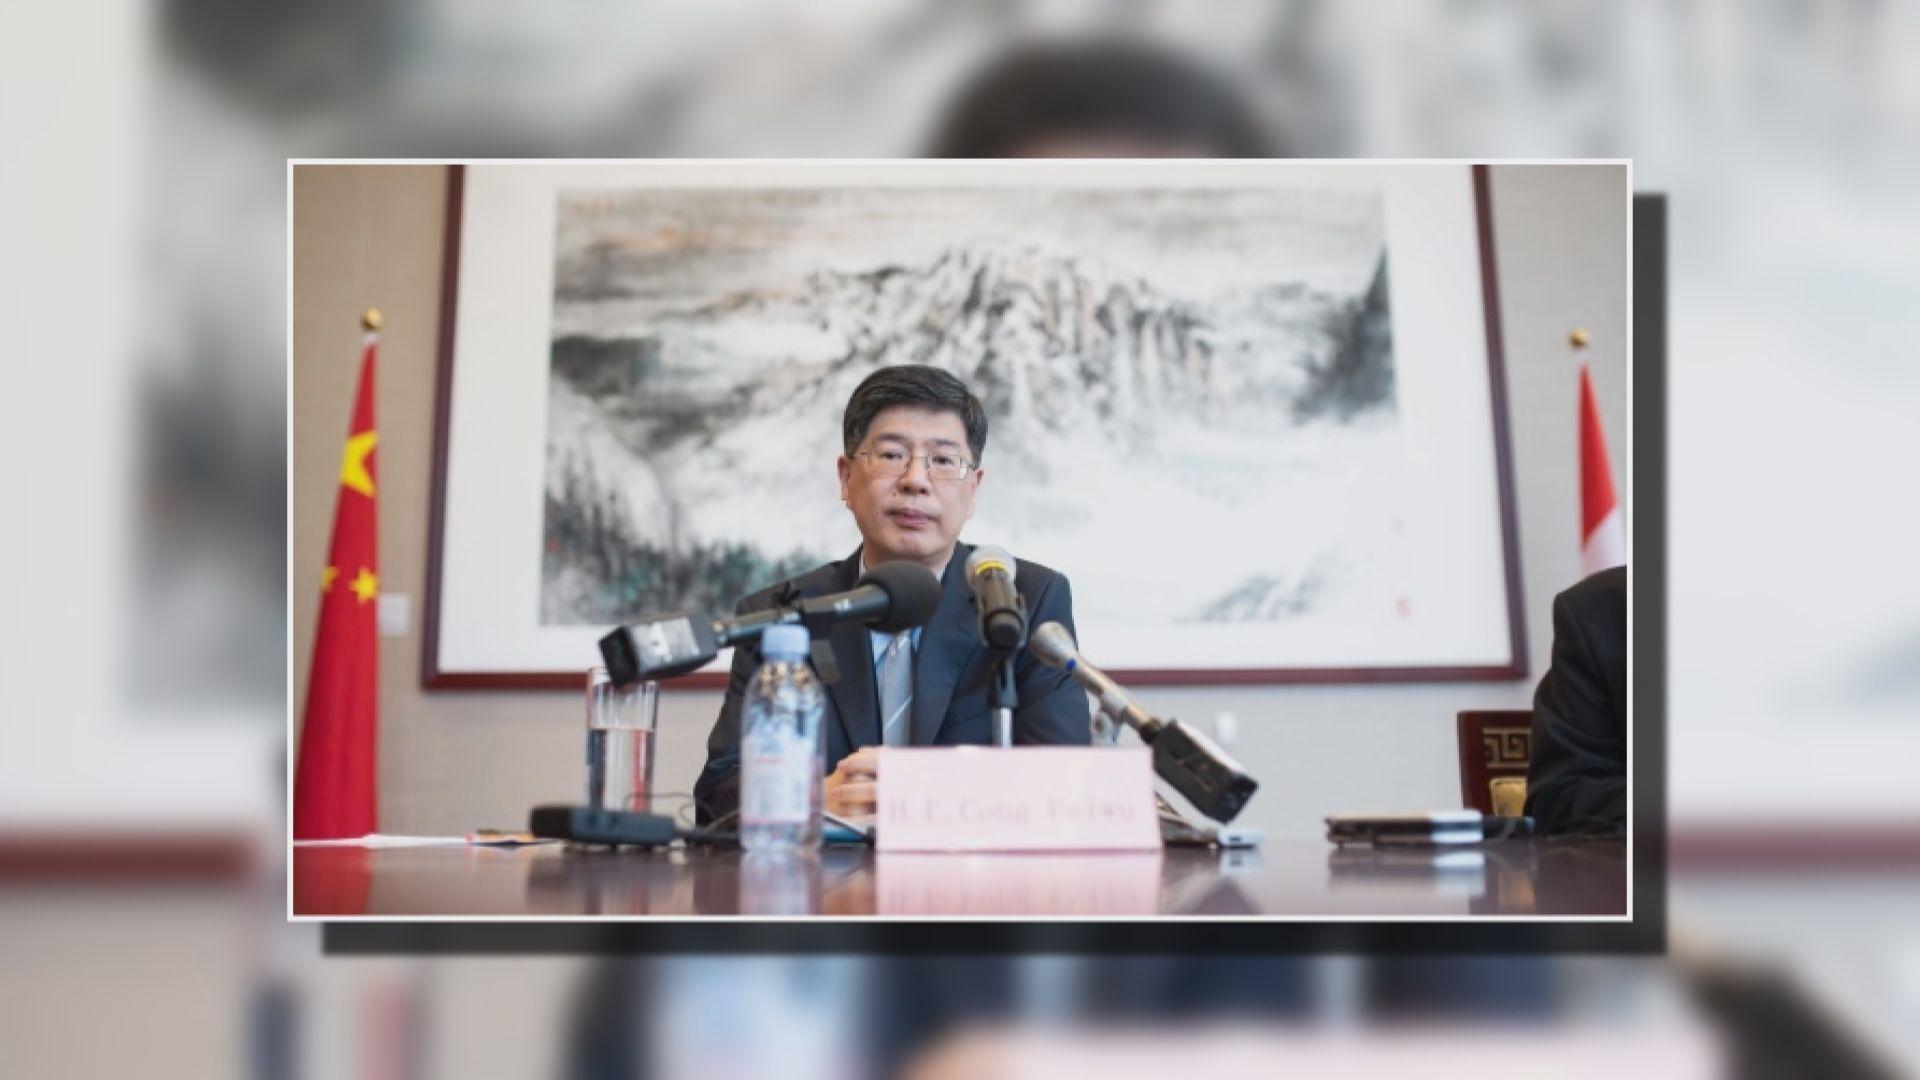 中國駐加大使:加拿大勿支持香港示威者